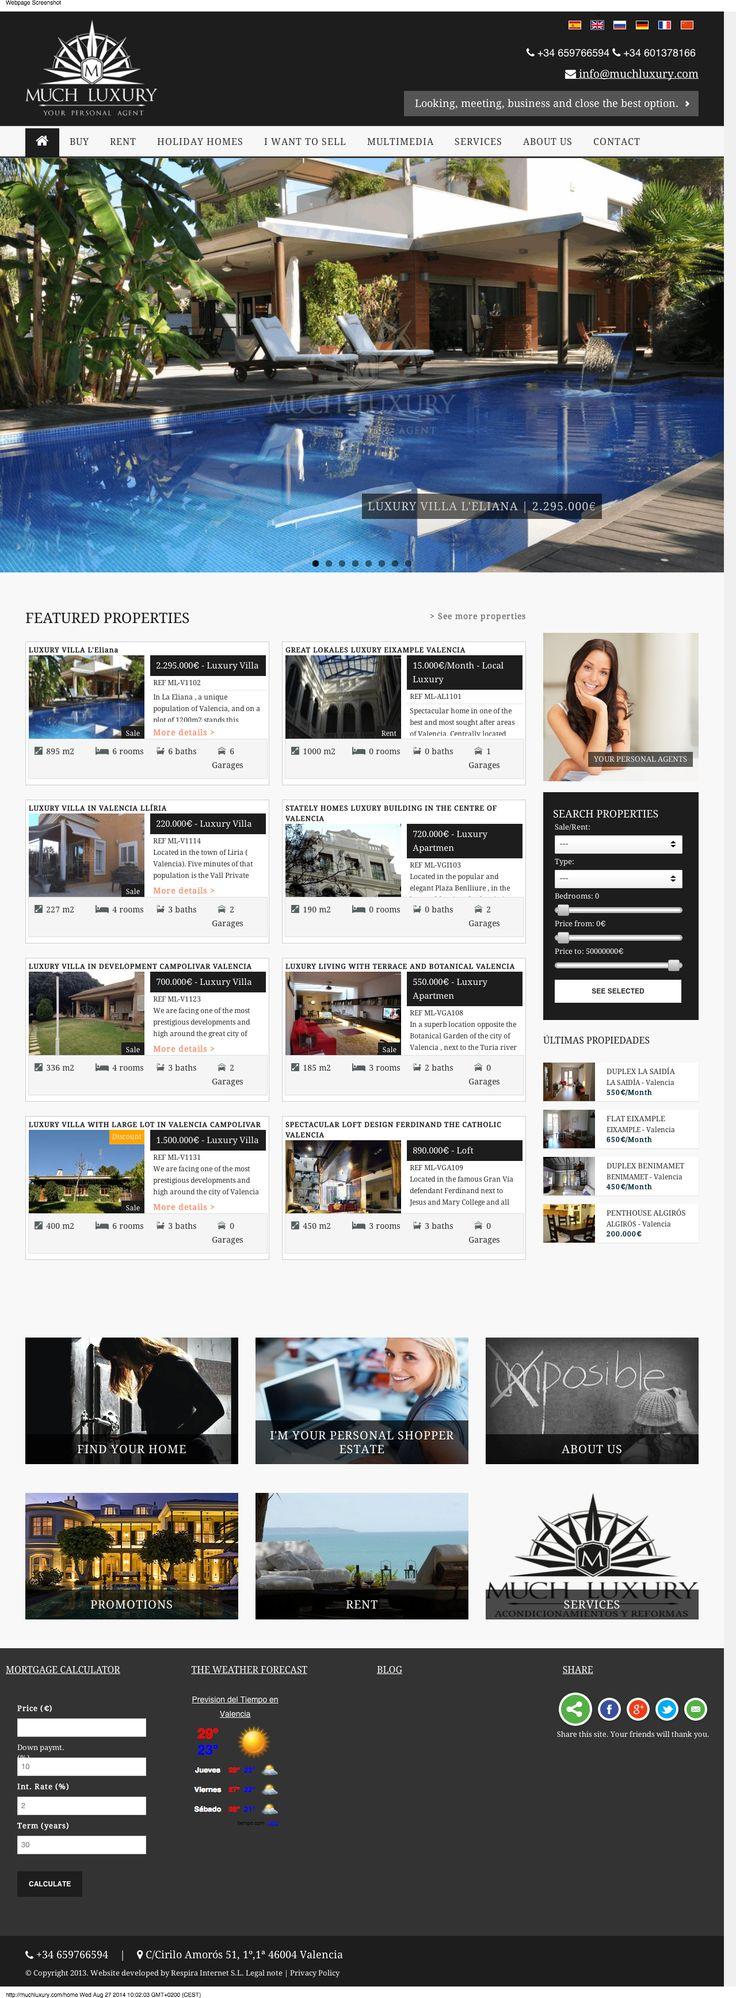 25 apartamentos para alquilar for Parcelas para alquilar en sevilla